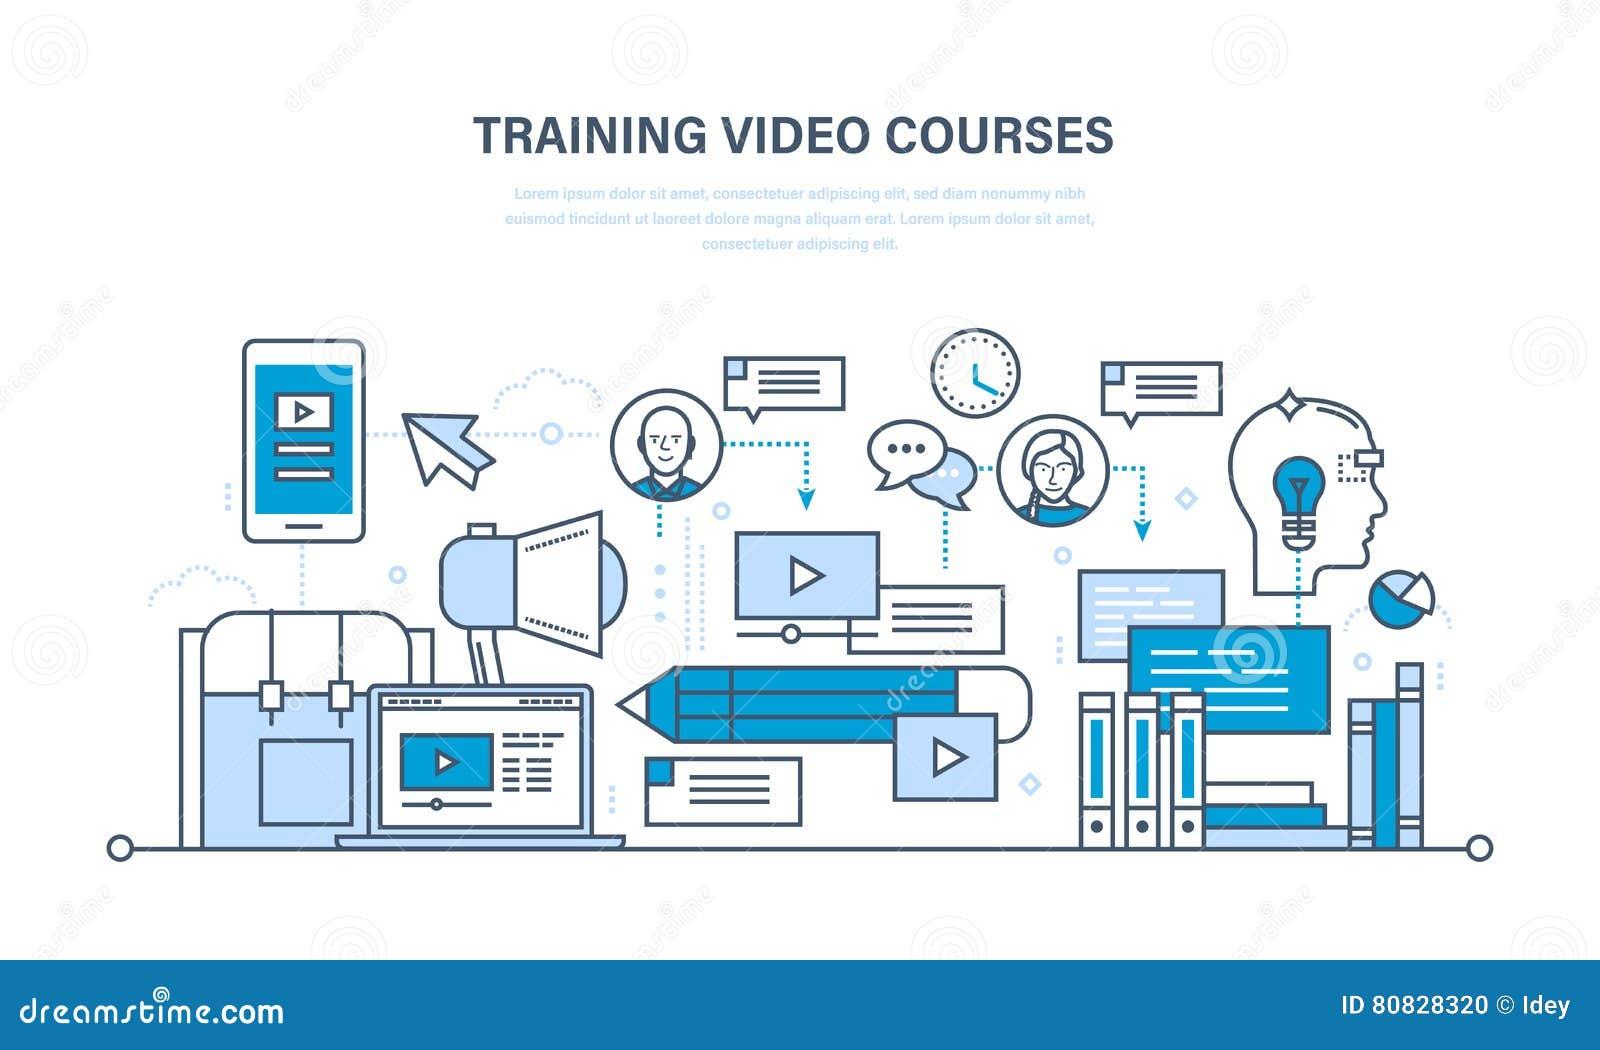 Online coursework video